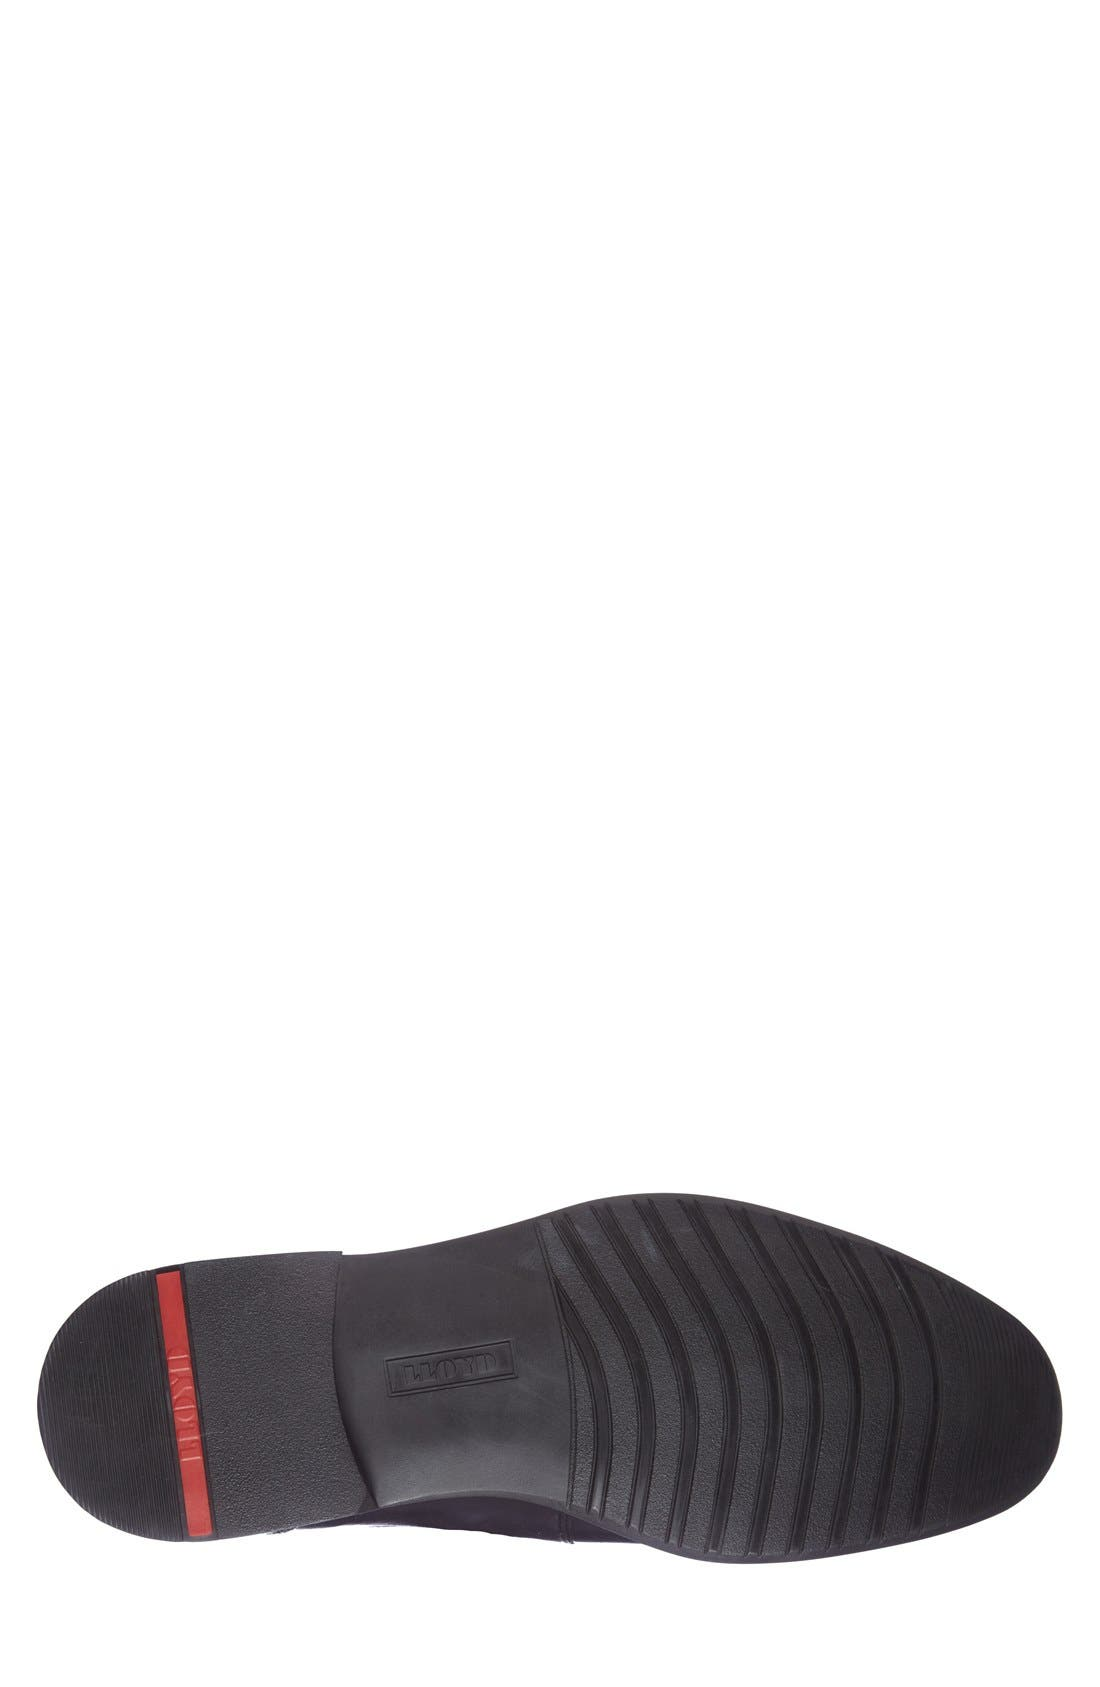 'Nante' Venetian Loafer,                             Alternate thumbnail 4, color,                             Black